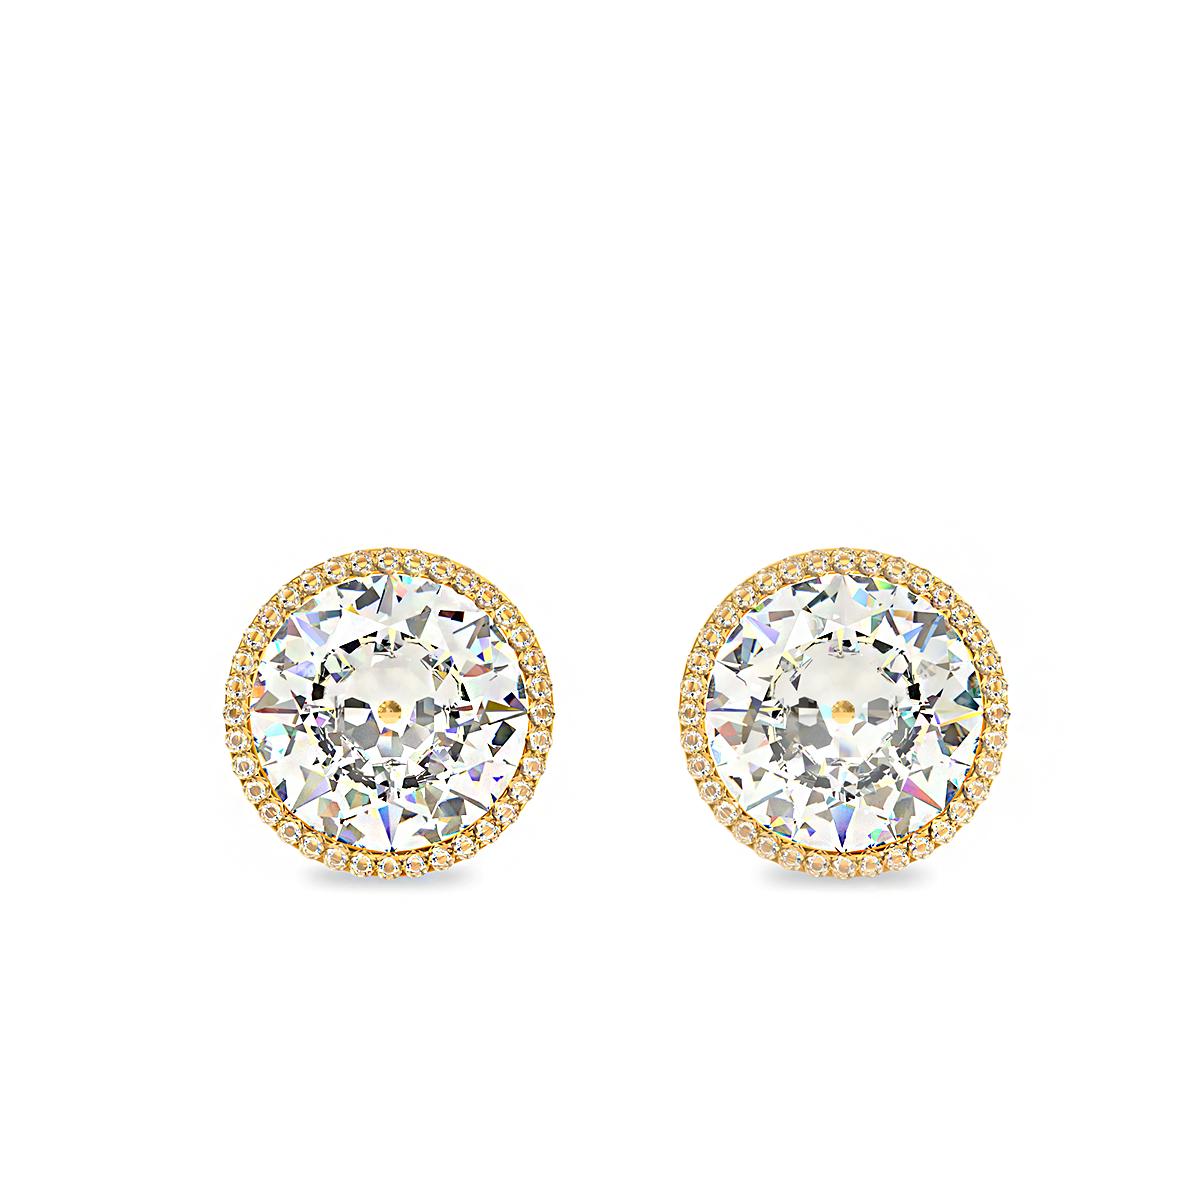 Златни диамантени обеци с голям централен диамант и малки диамантчета по периферията.